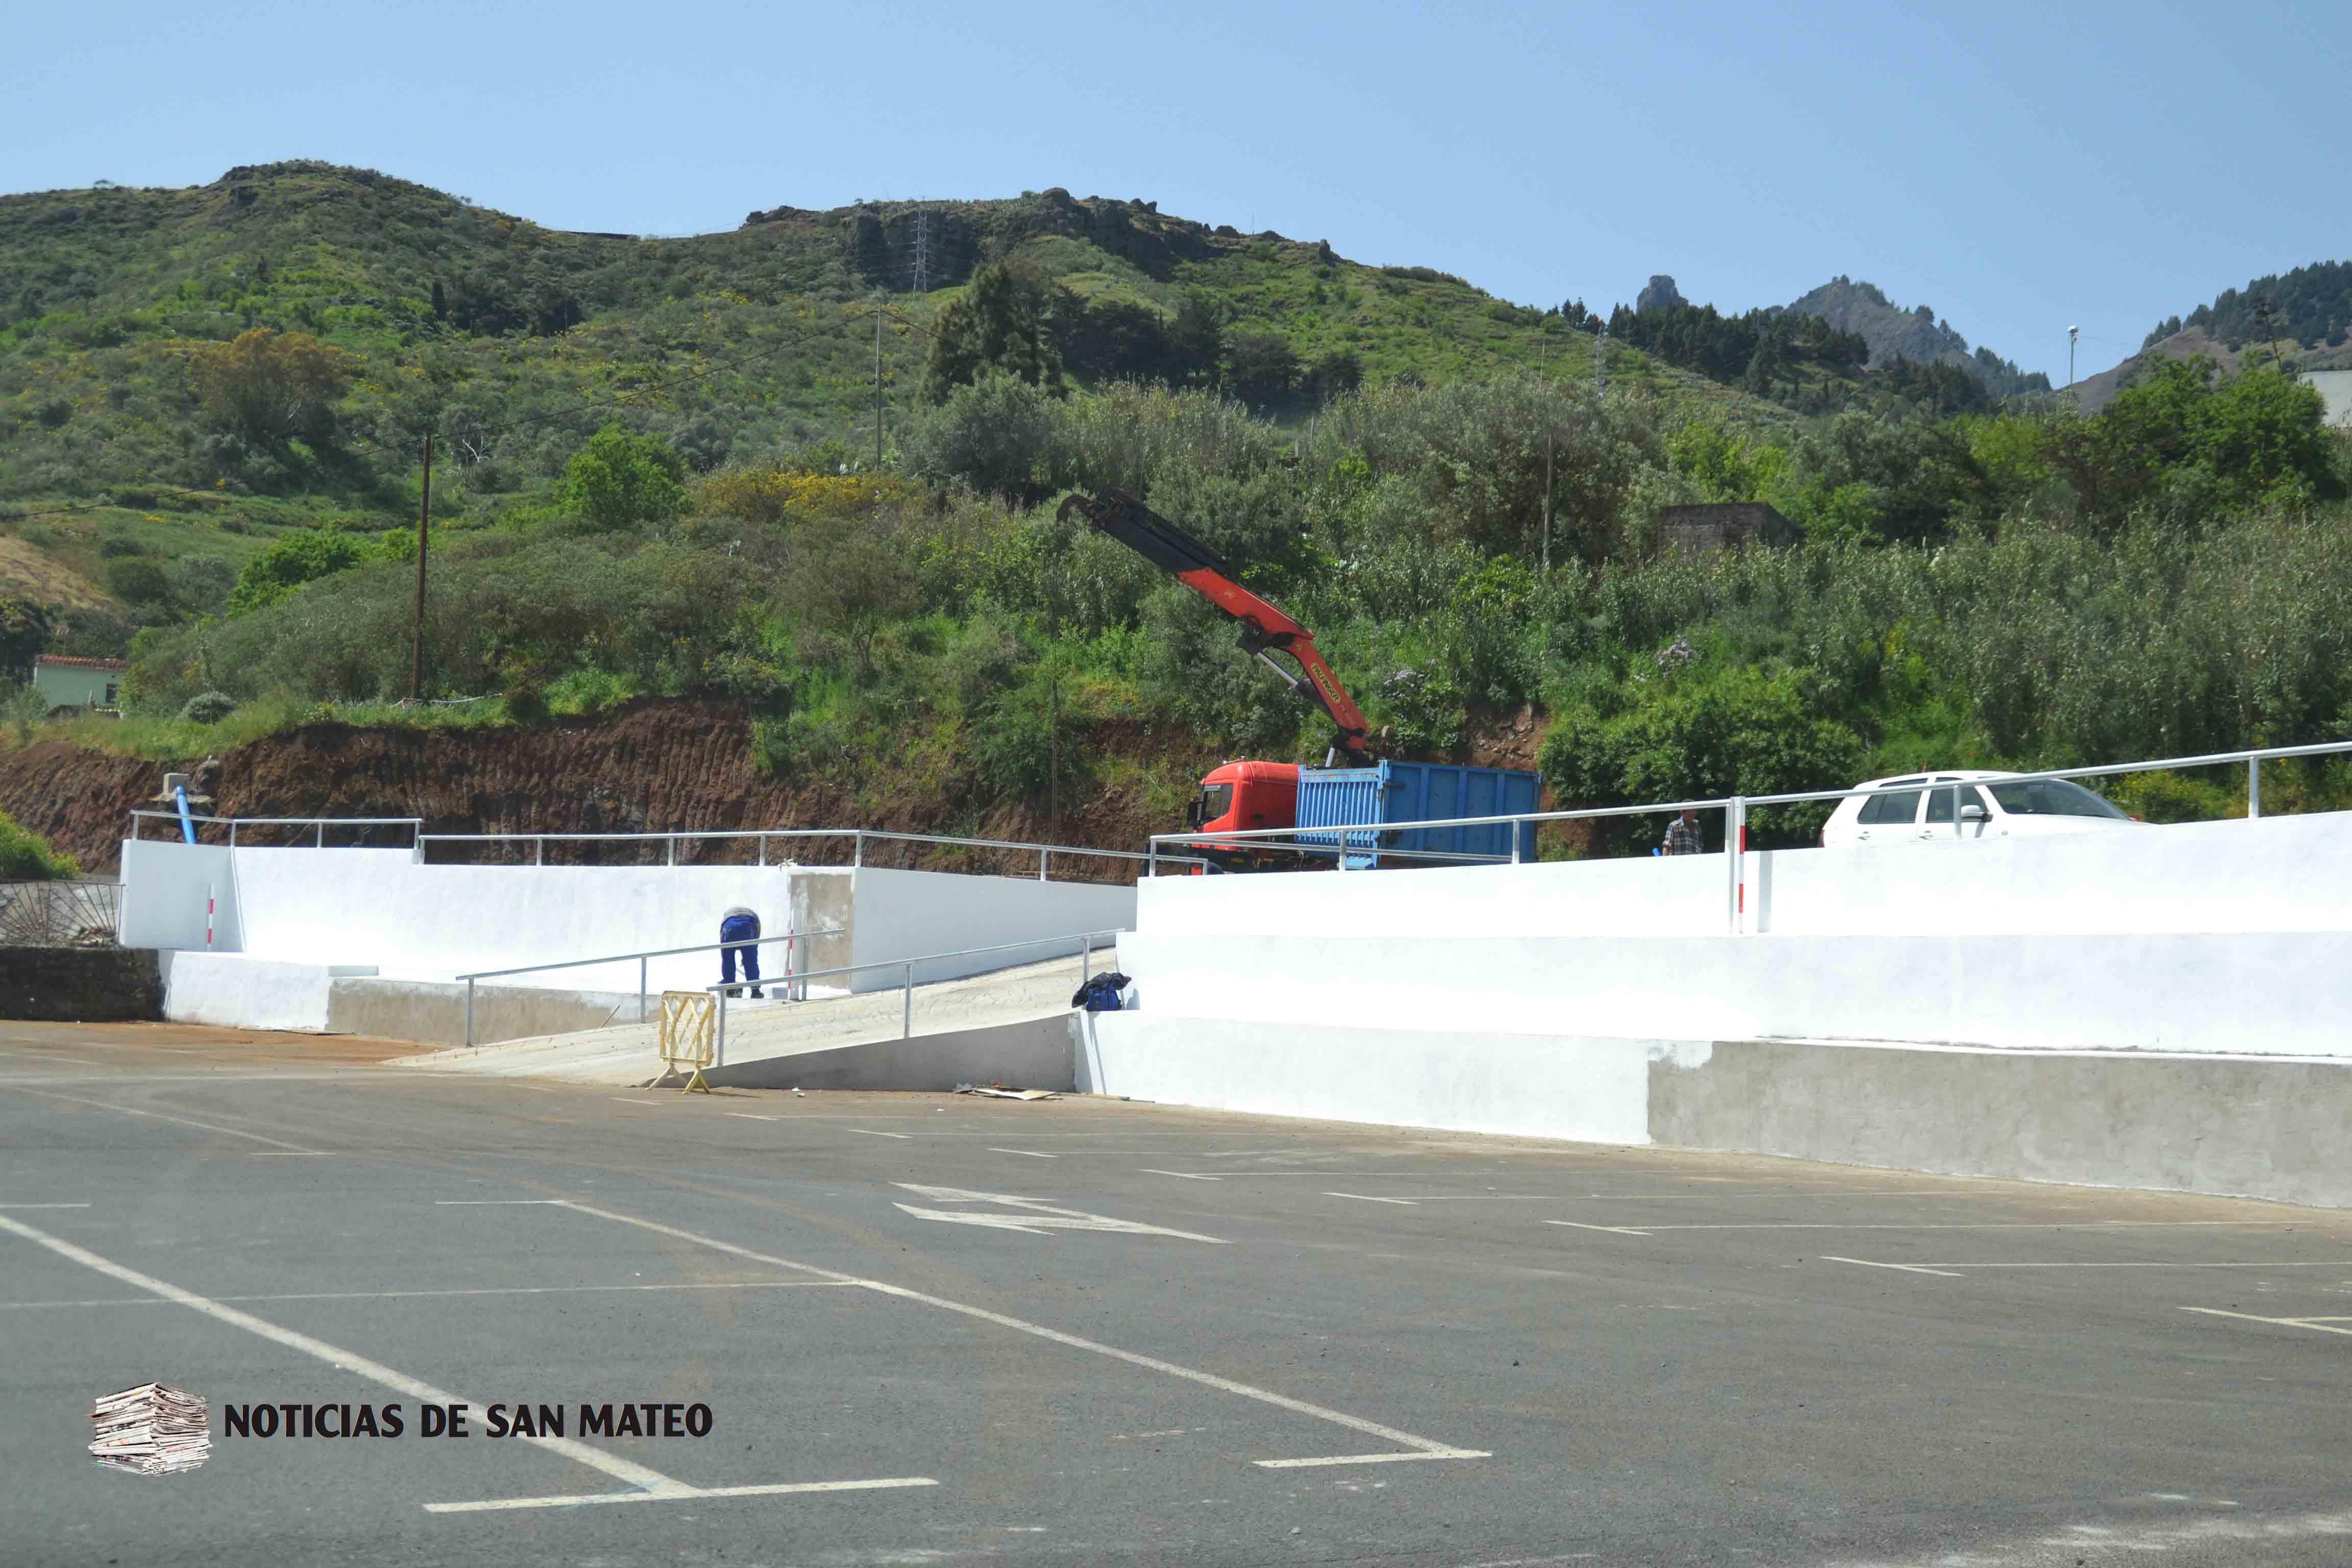 Acondicionamiento aparcamiento Hoya Viciosa San Mateo Foto Laura Miranda Noticias de San Mateo